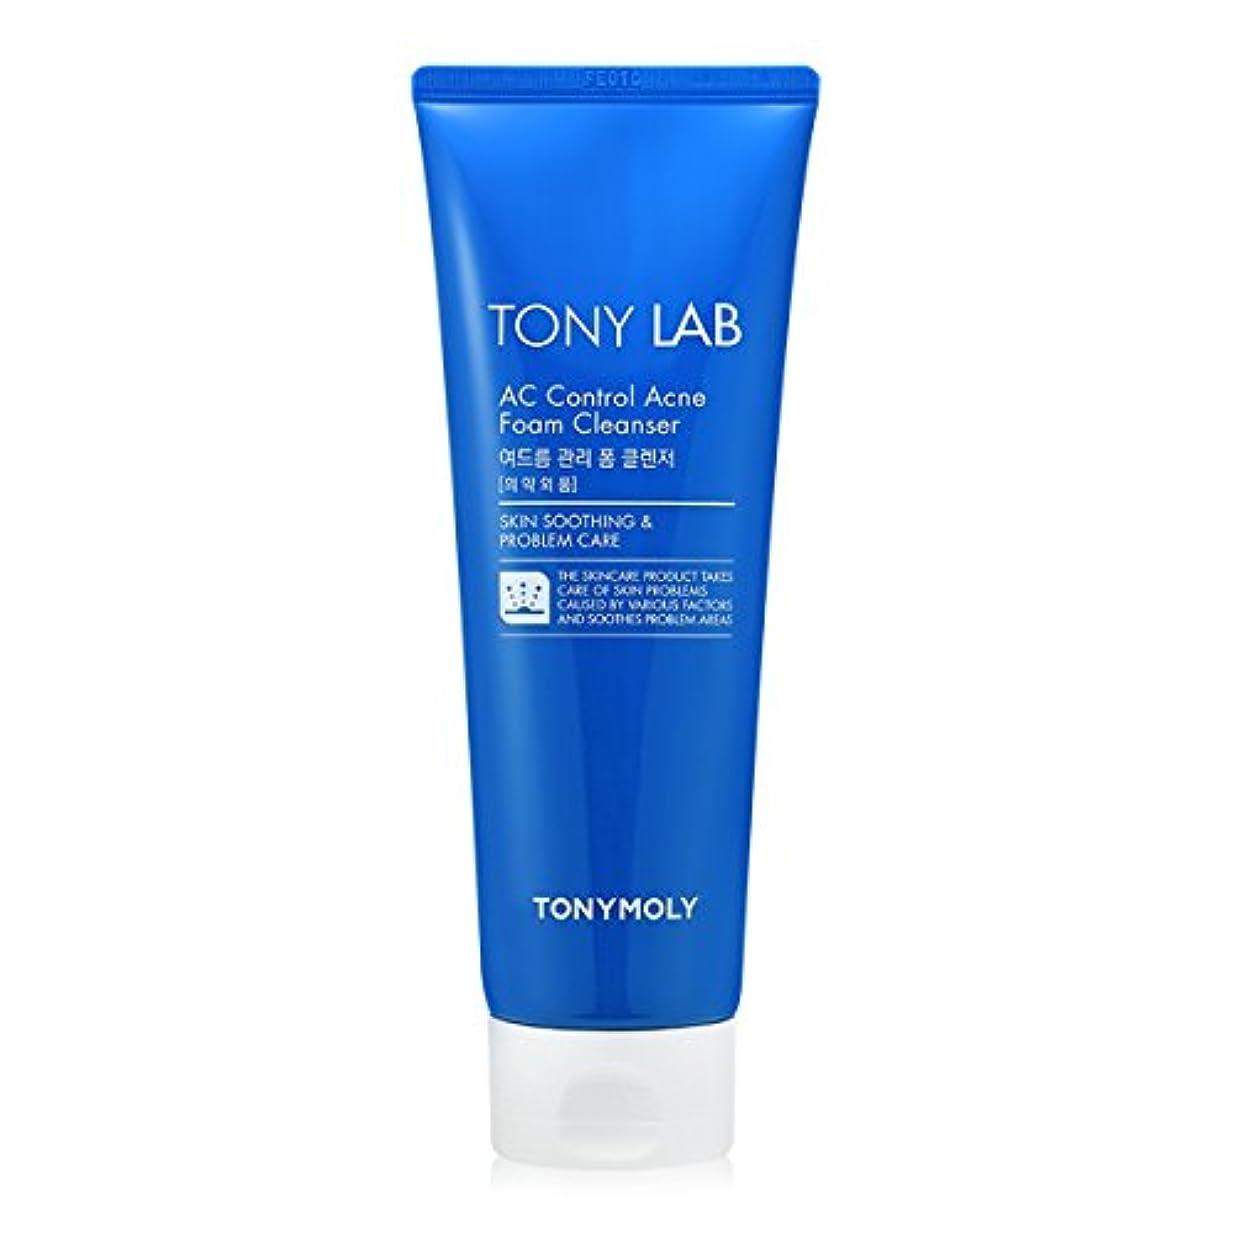 事平方こっそり[New] TONYMOLY Tony Lab AC Control Acne Foam Cleanser 150ml/トニーモリー トニー ラボ AC コントロール アクネ フォーム クレンザー 150ml